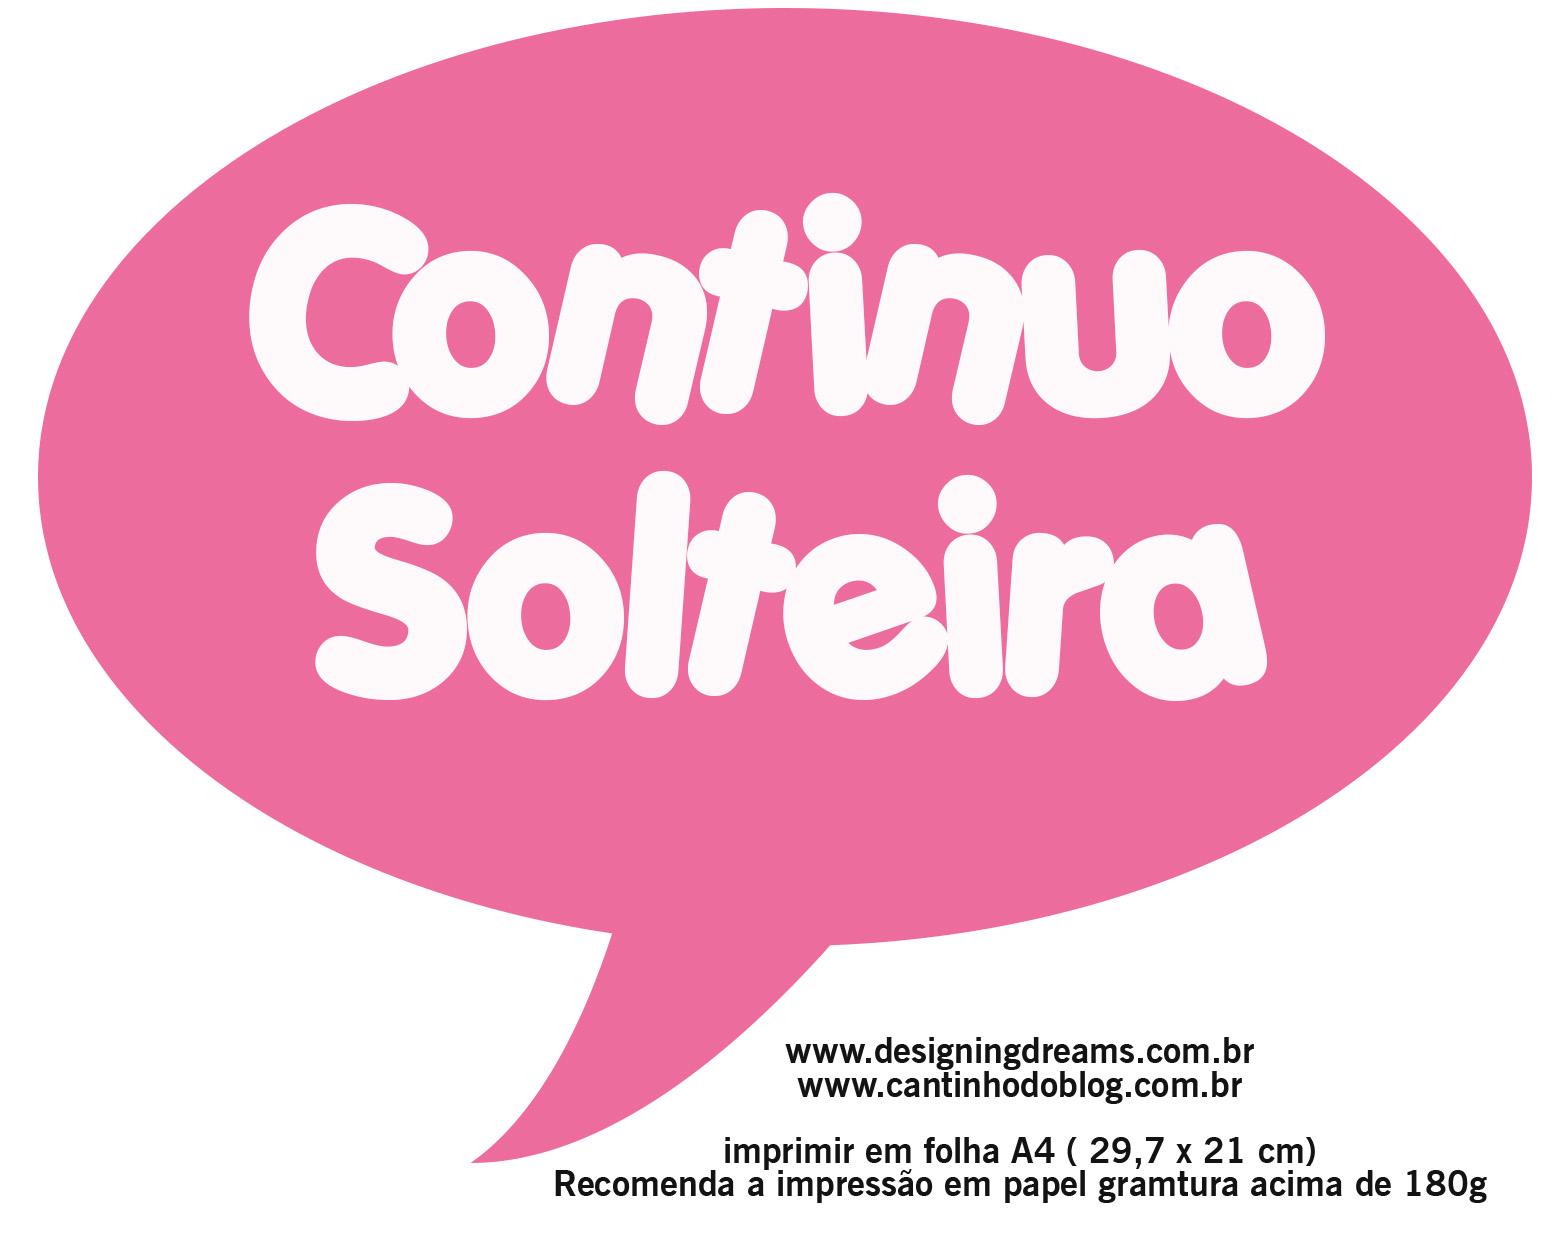 Top Plaquinhas divertidas para imprimir - Cantinho do blog HR46